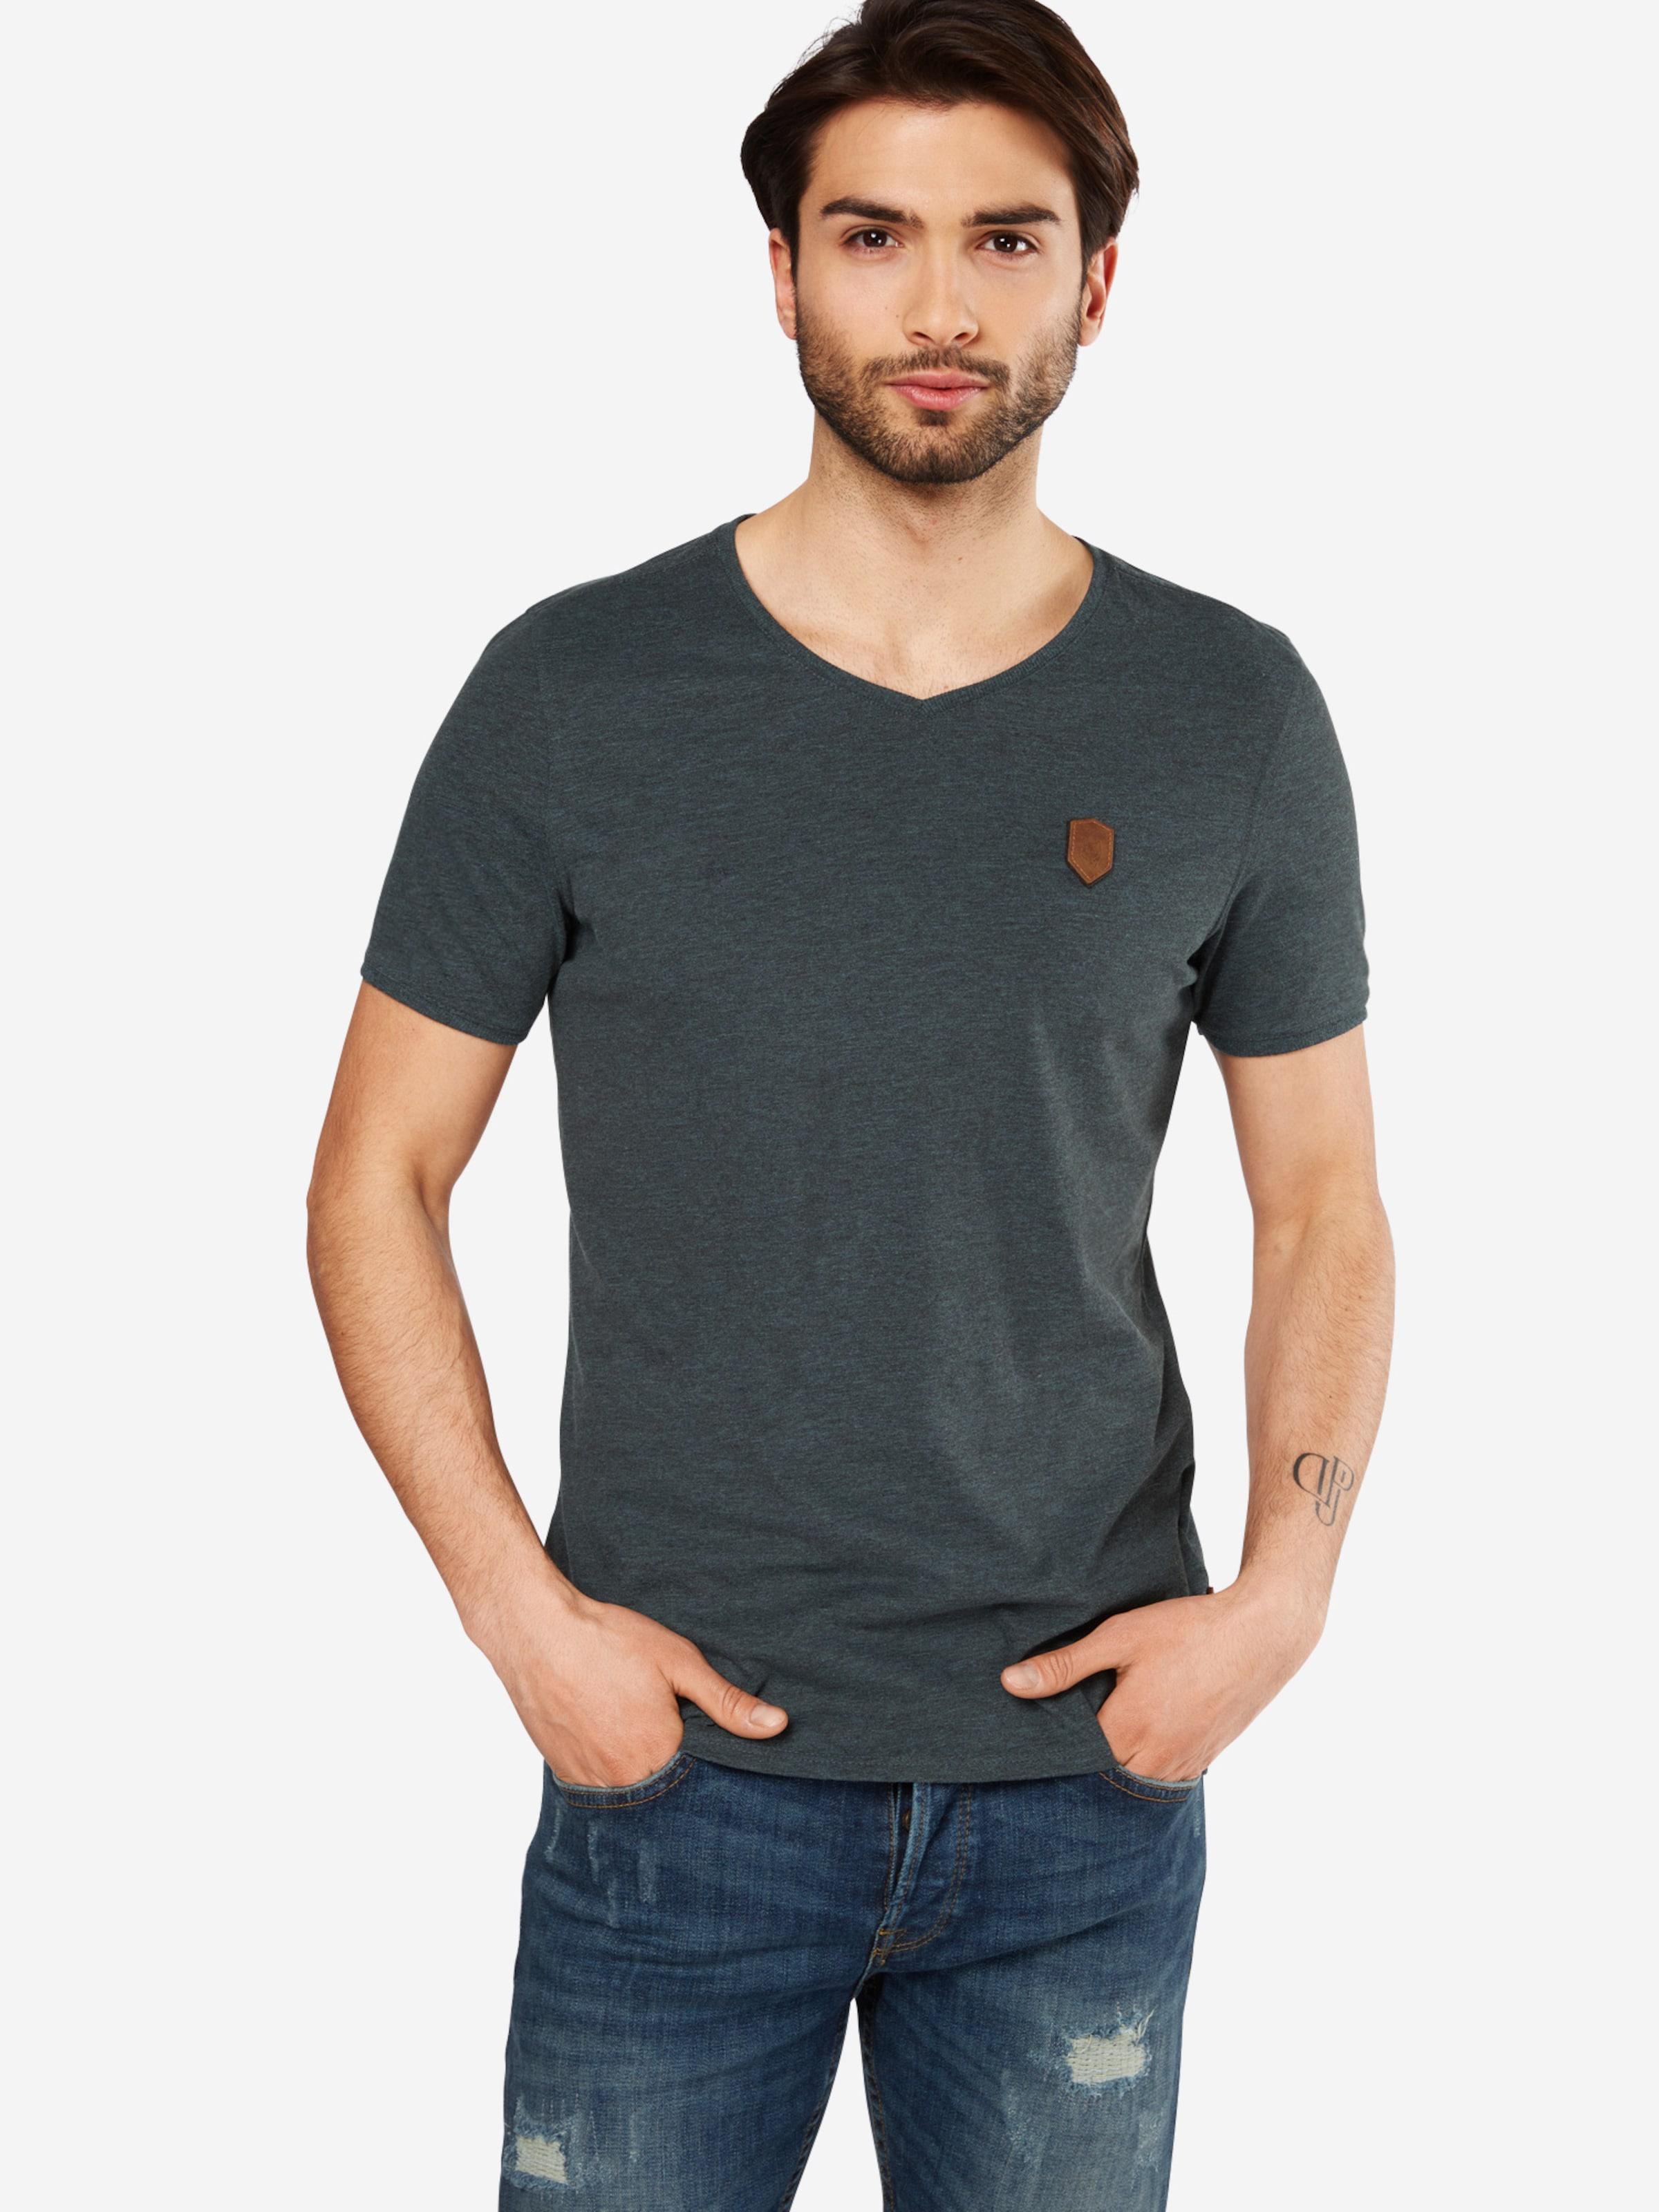 naketano T-Shirt in Melange-Optik Billig Viele Arten Von 2YNsFtL